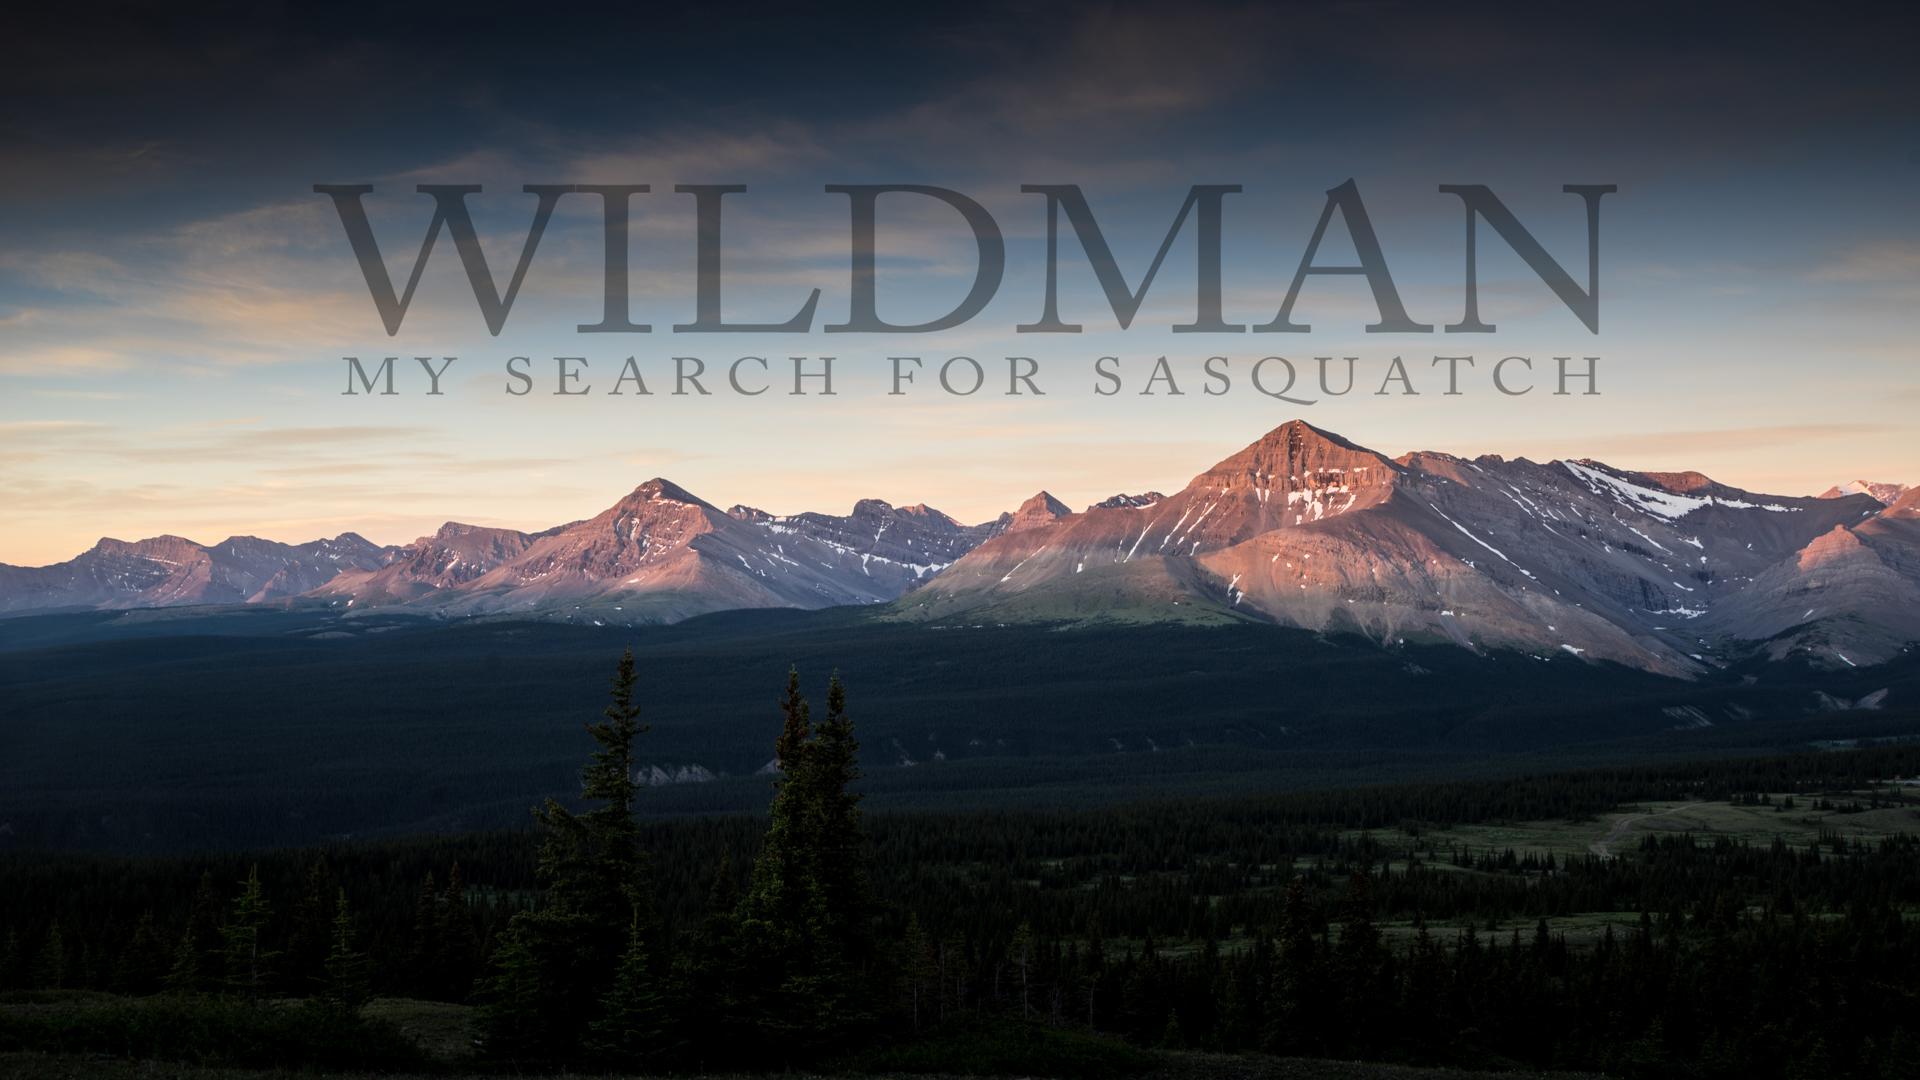 Wildman: My Search for Sasquatch